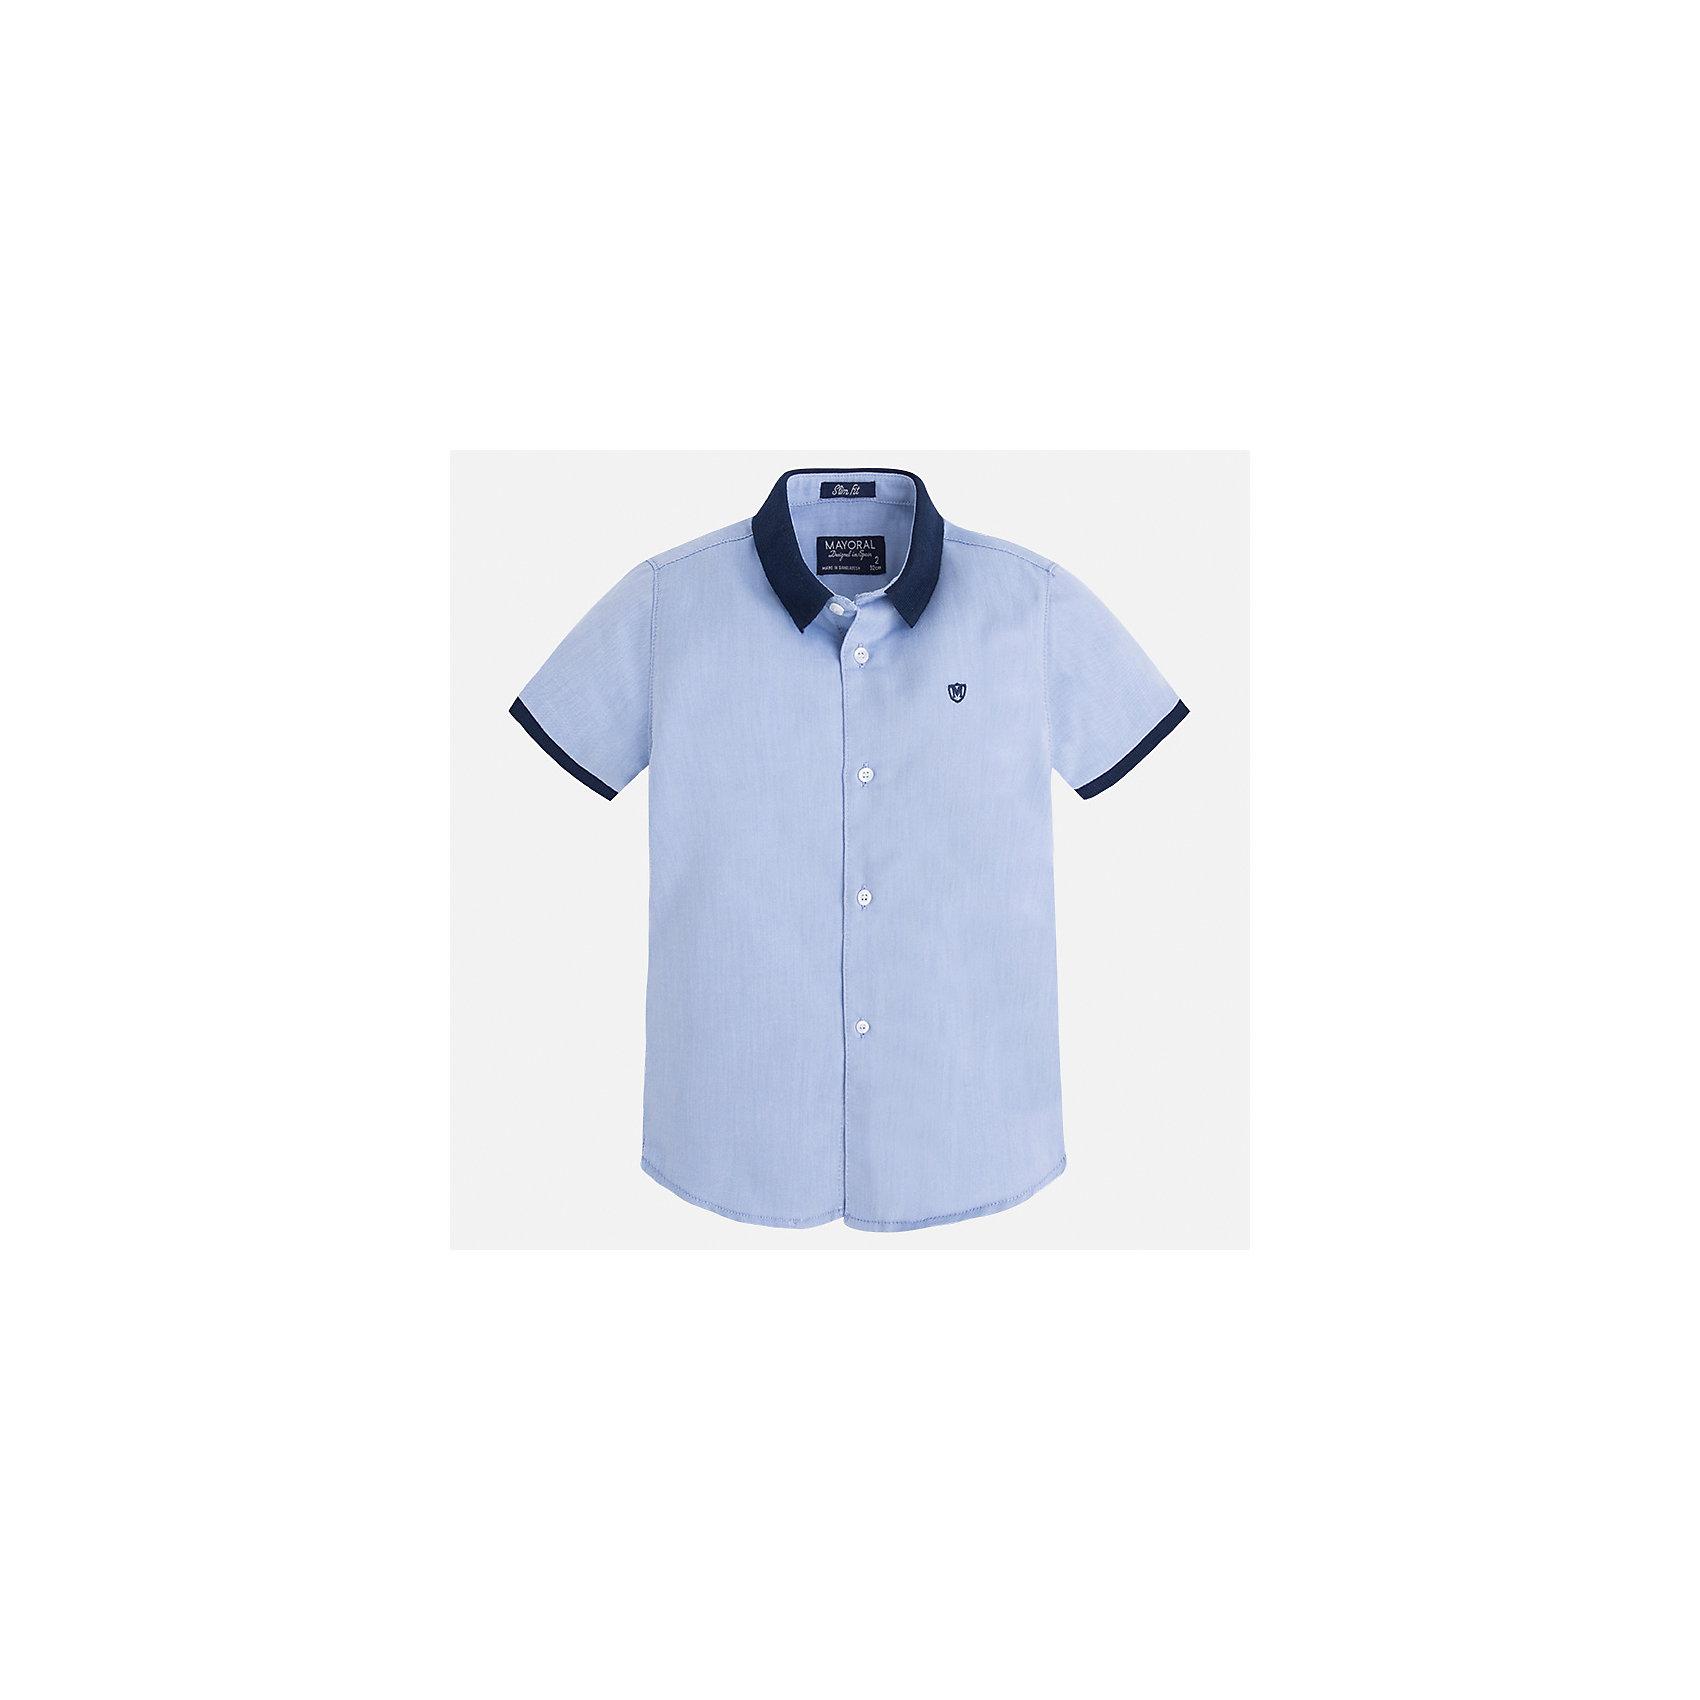 Рубашка для мальчика MayoralБлузки и рубашки<br>Характеристики товара:<br><br>• цвет: голубой<br>• состав: 100% хлопок<br>• отложной воротник<br>• короткие рукава<br>• застежка: пуговицы<br>• вышивка на груди<br>• страна бренда: Испания<br><br>Стильная рубашка для мальчика может стать базовой вещью в гардеробе ребенка. Она отлично сочетается с брюками, шортами, джинсами и т.д. Универсальный крой и цвет позволяет подобрать к вещи низ разных расцветок. Практичное и стильное изделие! В составе материала - только натуральный хлопок, гипоаллергенный, приятный на ощупь, дышащий.<br><br>Одежда, обувь и аксессуары от испанского бренда Mayoral полюбились детям и взрослым по всему миру. Модели этой марки - стильные и удобные. Для их производства используются только безопасные, качественные материалы и фурнитура. Порадуйте ребенка модными и красивыми вещами от Mayoral! <br><br>Рубашку для мальчика от испанского бренда Mayoral (Майорал) можно купить в нашем интернет-магазине.<br><br>Ширина мм: 174<br>Глубина мм: 10<br>Высота мм: 169<br>Вес г: 157<br>Цвет: голубой<br>Возраст от месяцев: 72<br>Возраст до месяцев: 84<br>Пол: Мужской<br>Возраст: Детский<br>Размер: 122,134,128,116,110,104,98,92<br>SKU: 5272261